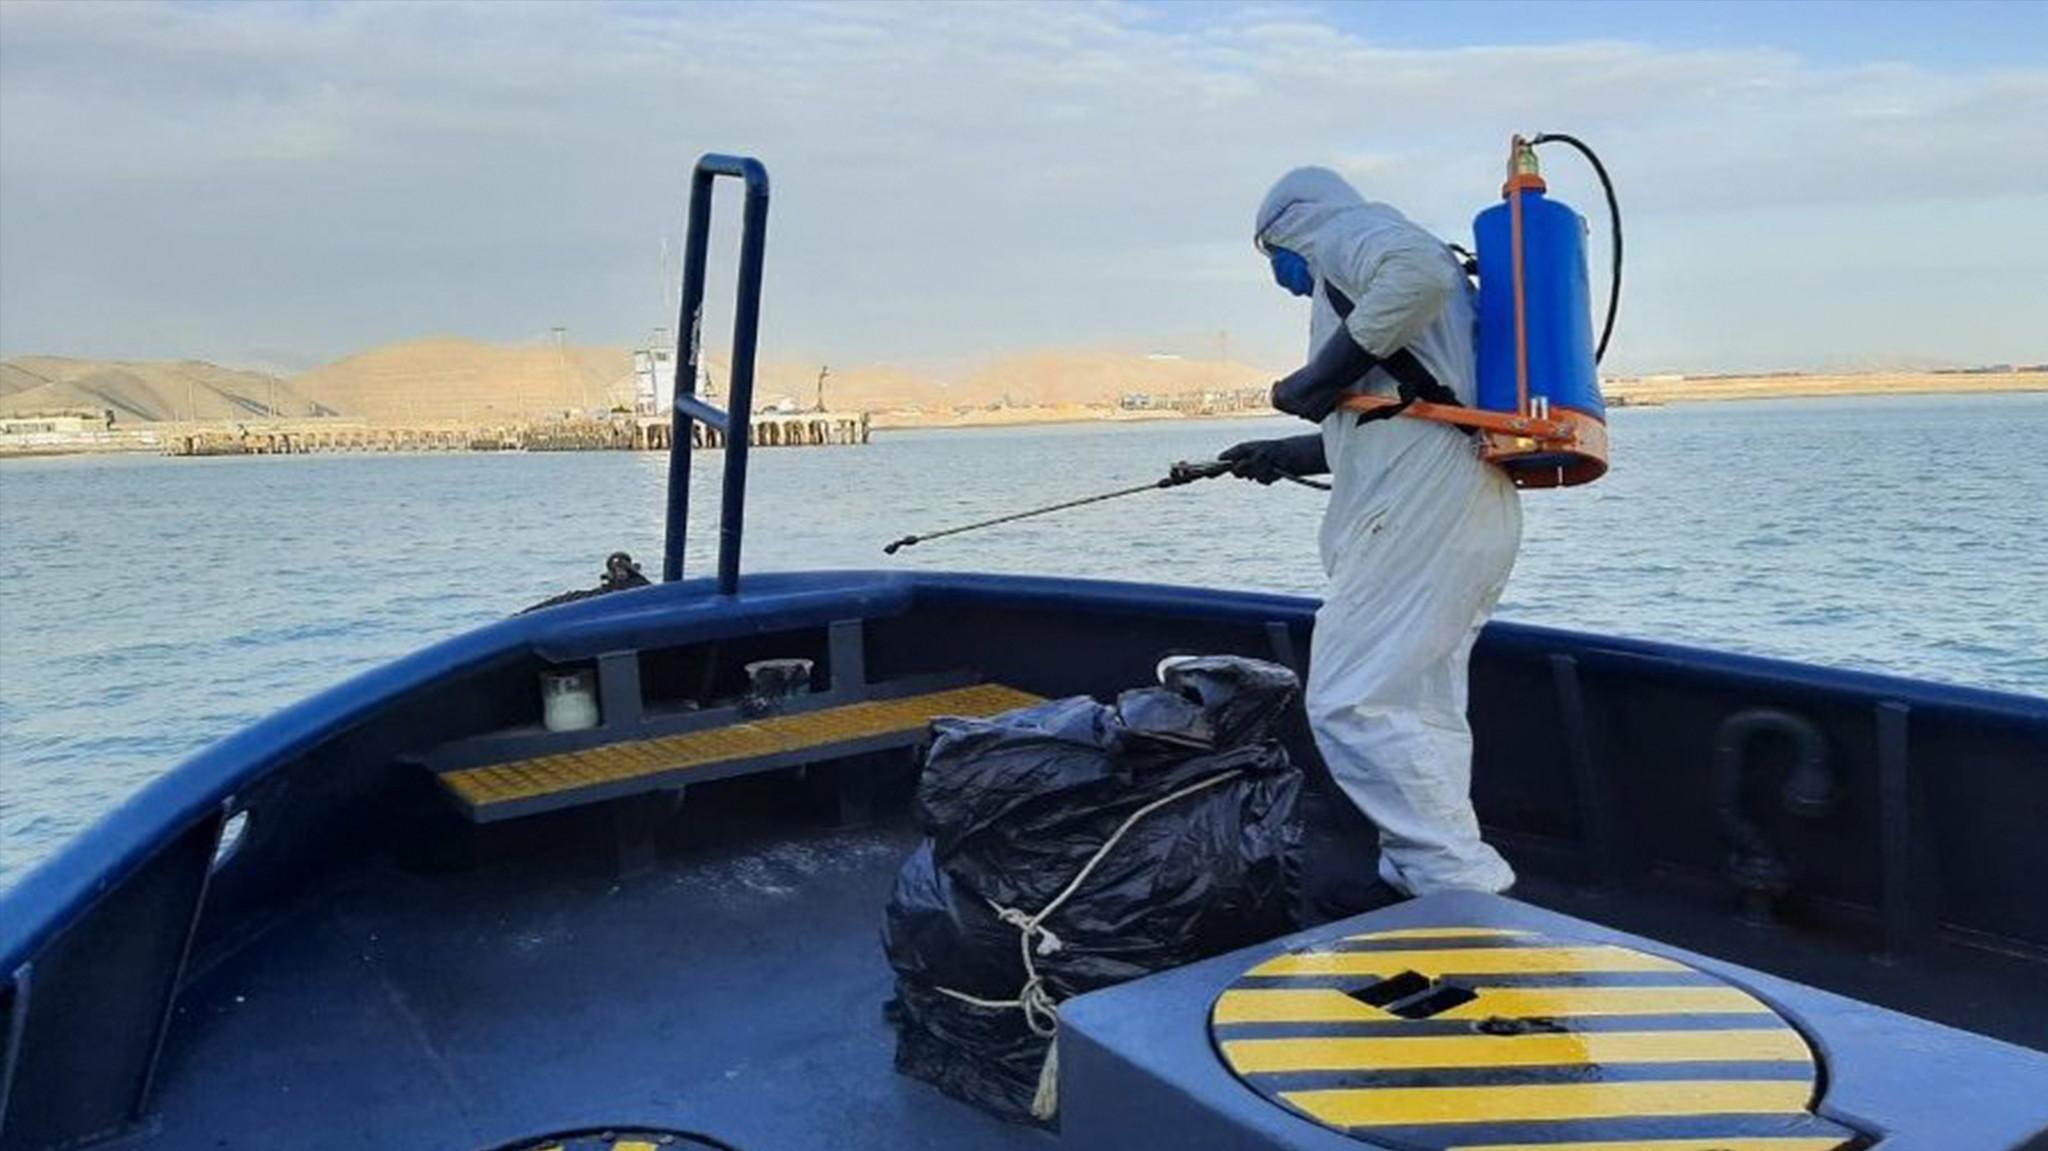 los-protocolos-sanitarios-en-el-sector-pesca-ralentizarian-las-capturas-de-la-primera-temporada